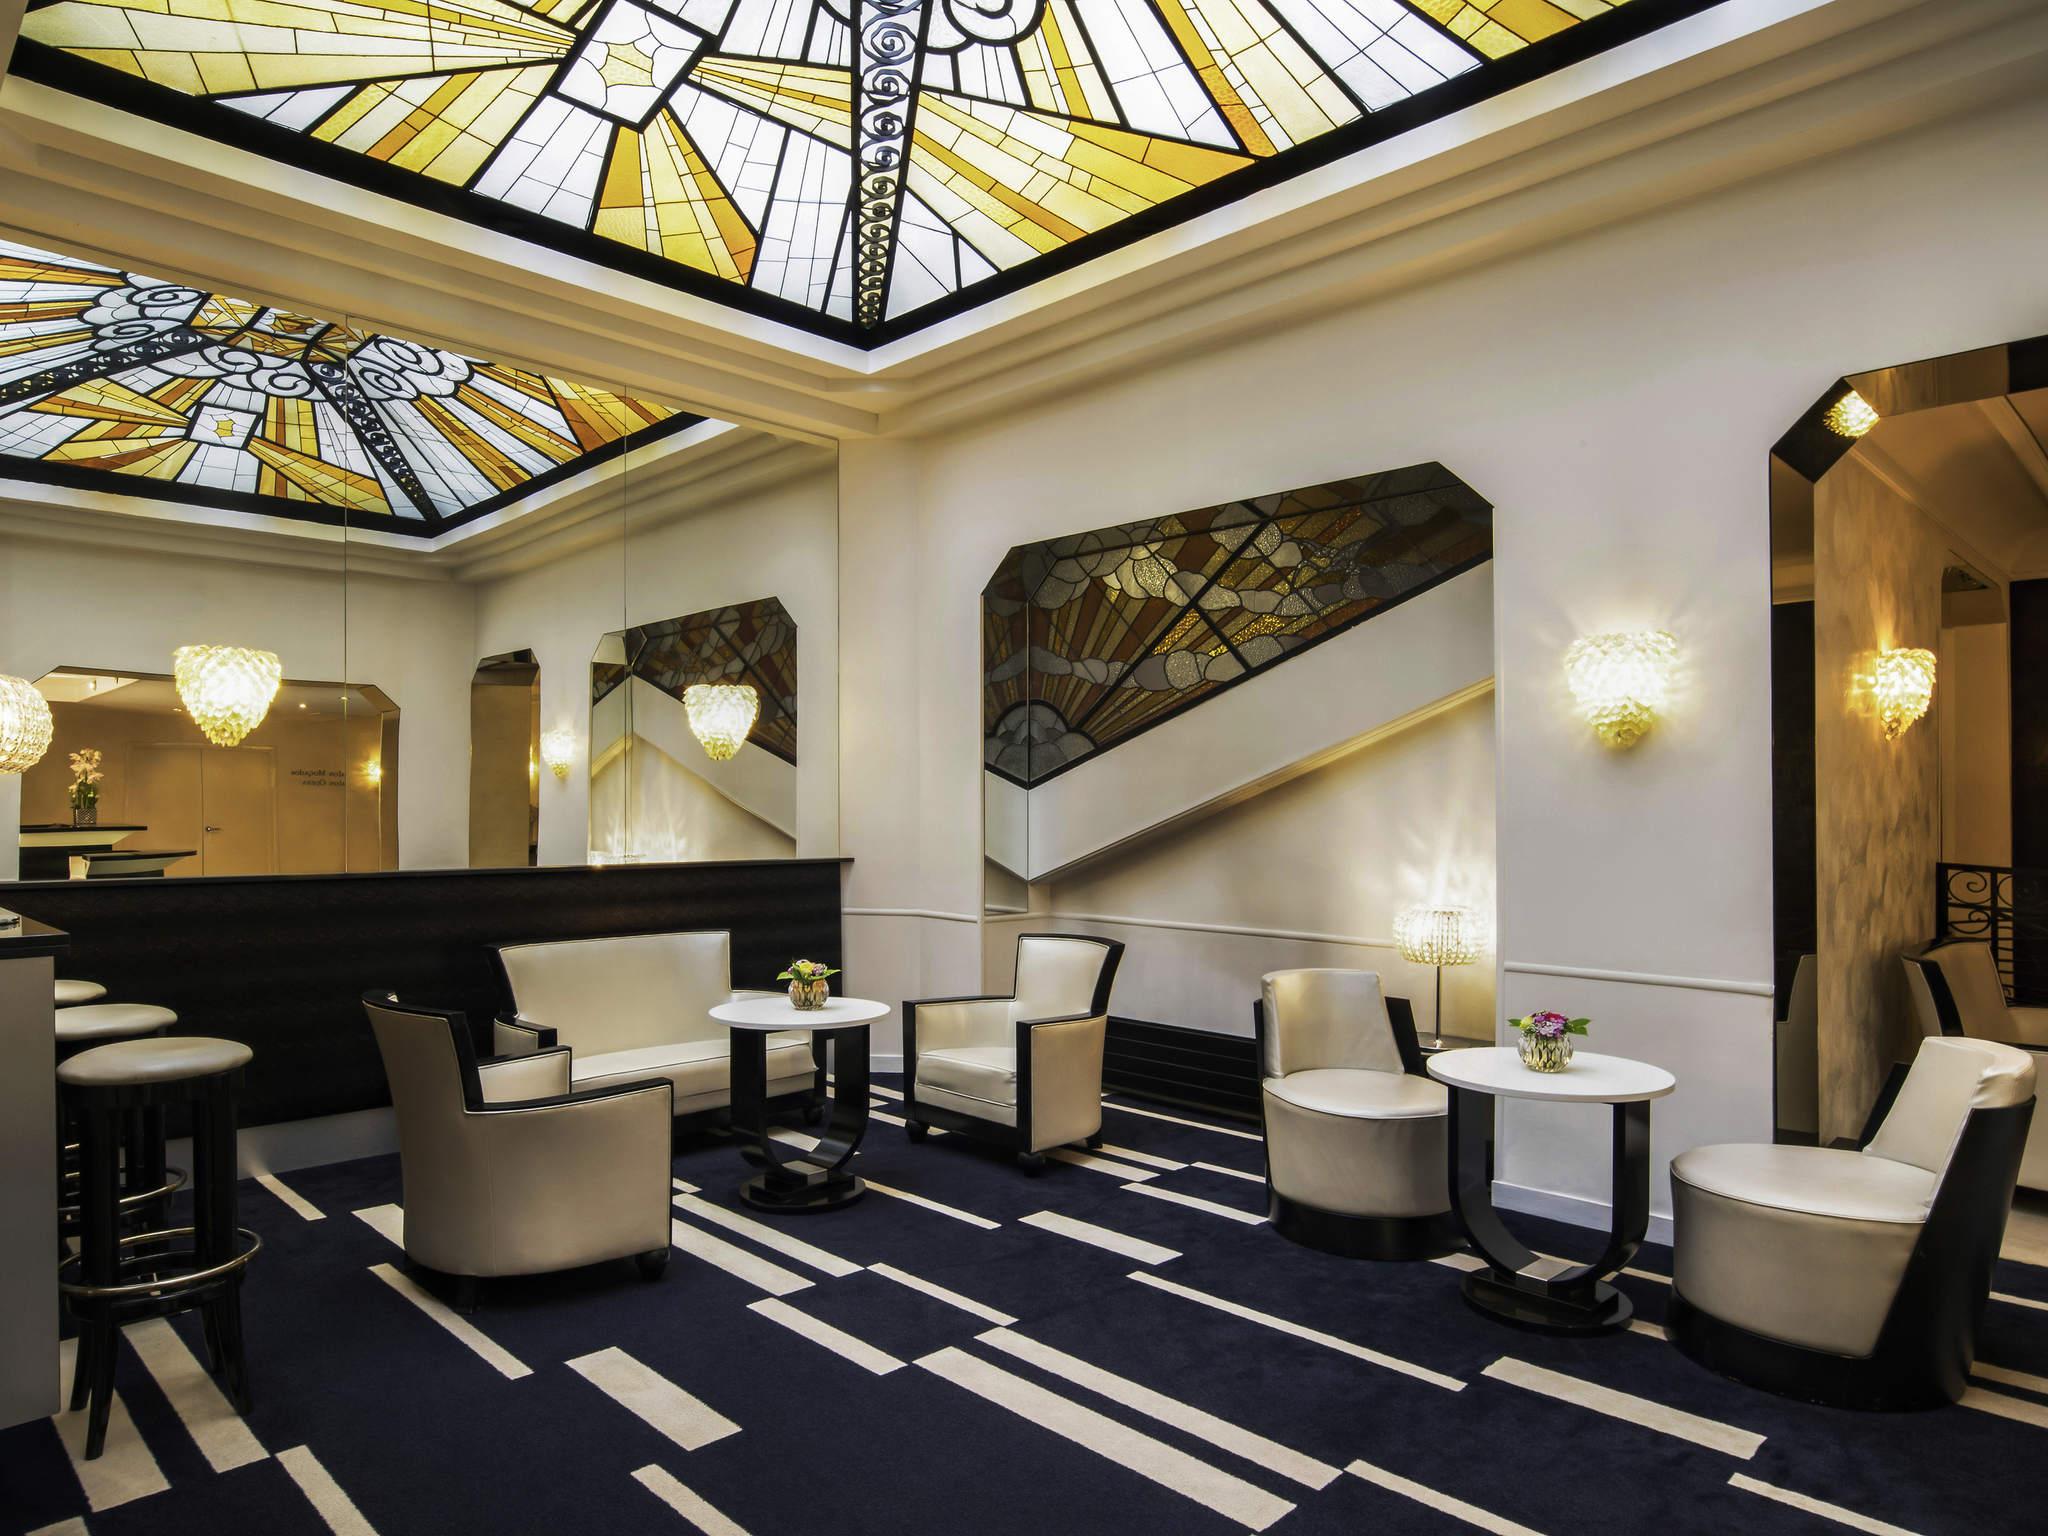 где в париже находится отель опера лафайет